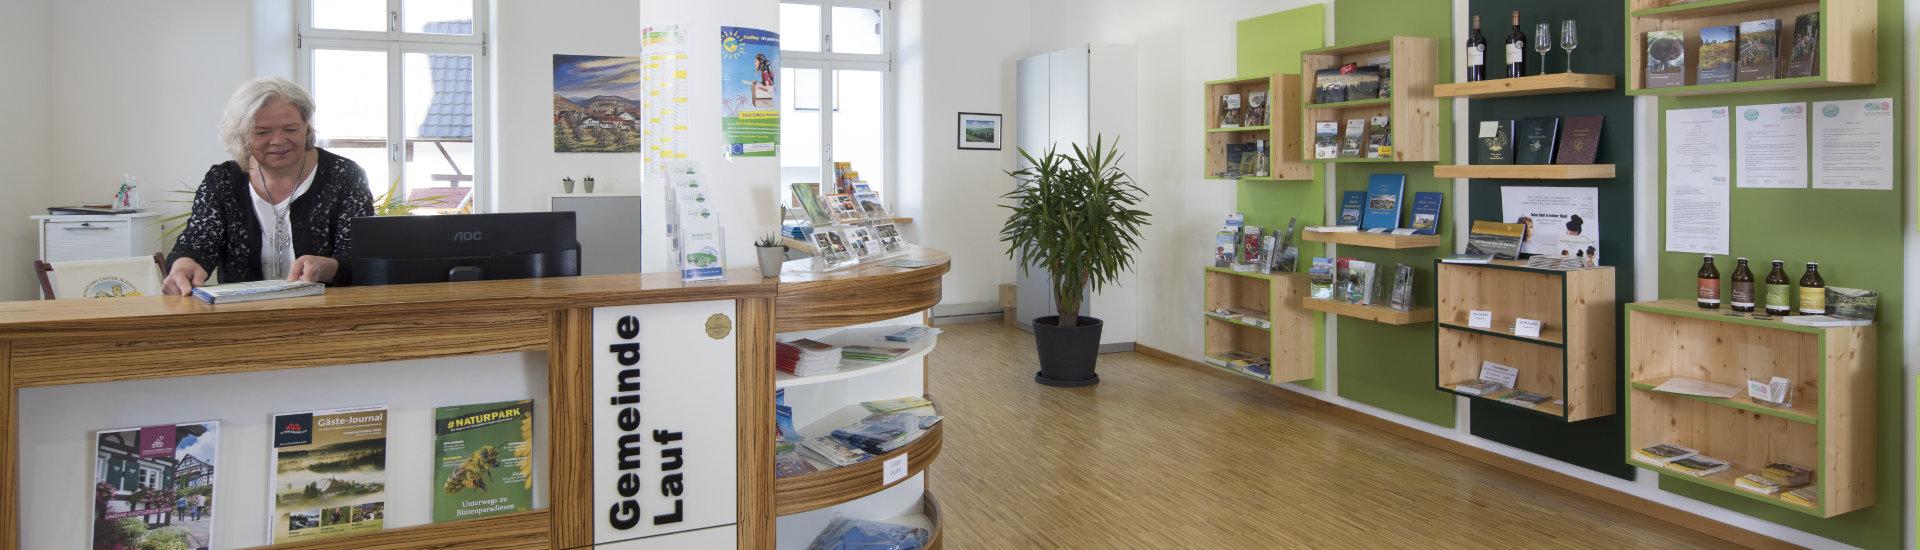 Foto: Tourismus-Büro der Gemeinde Lauf